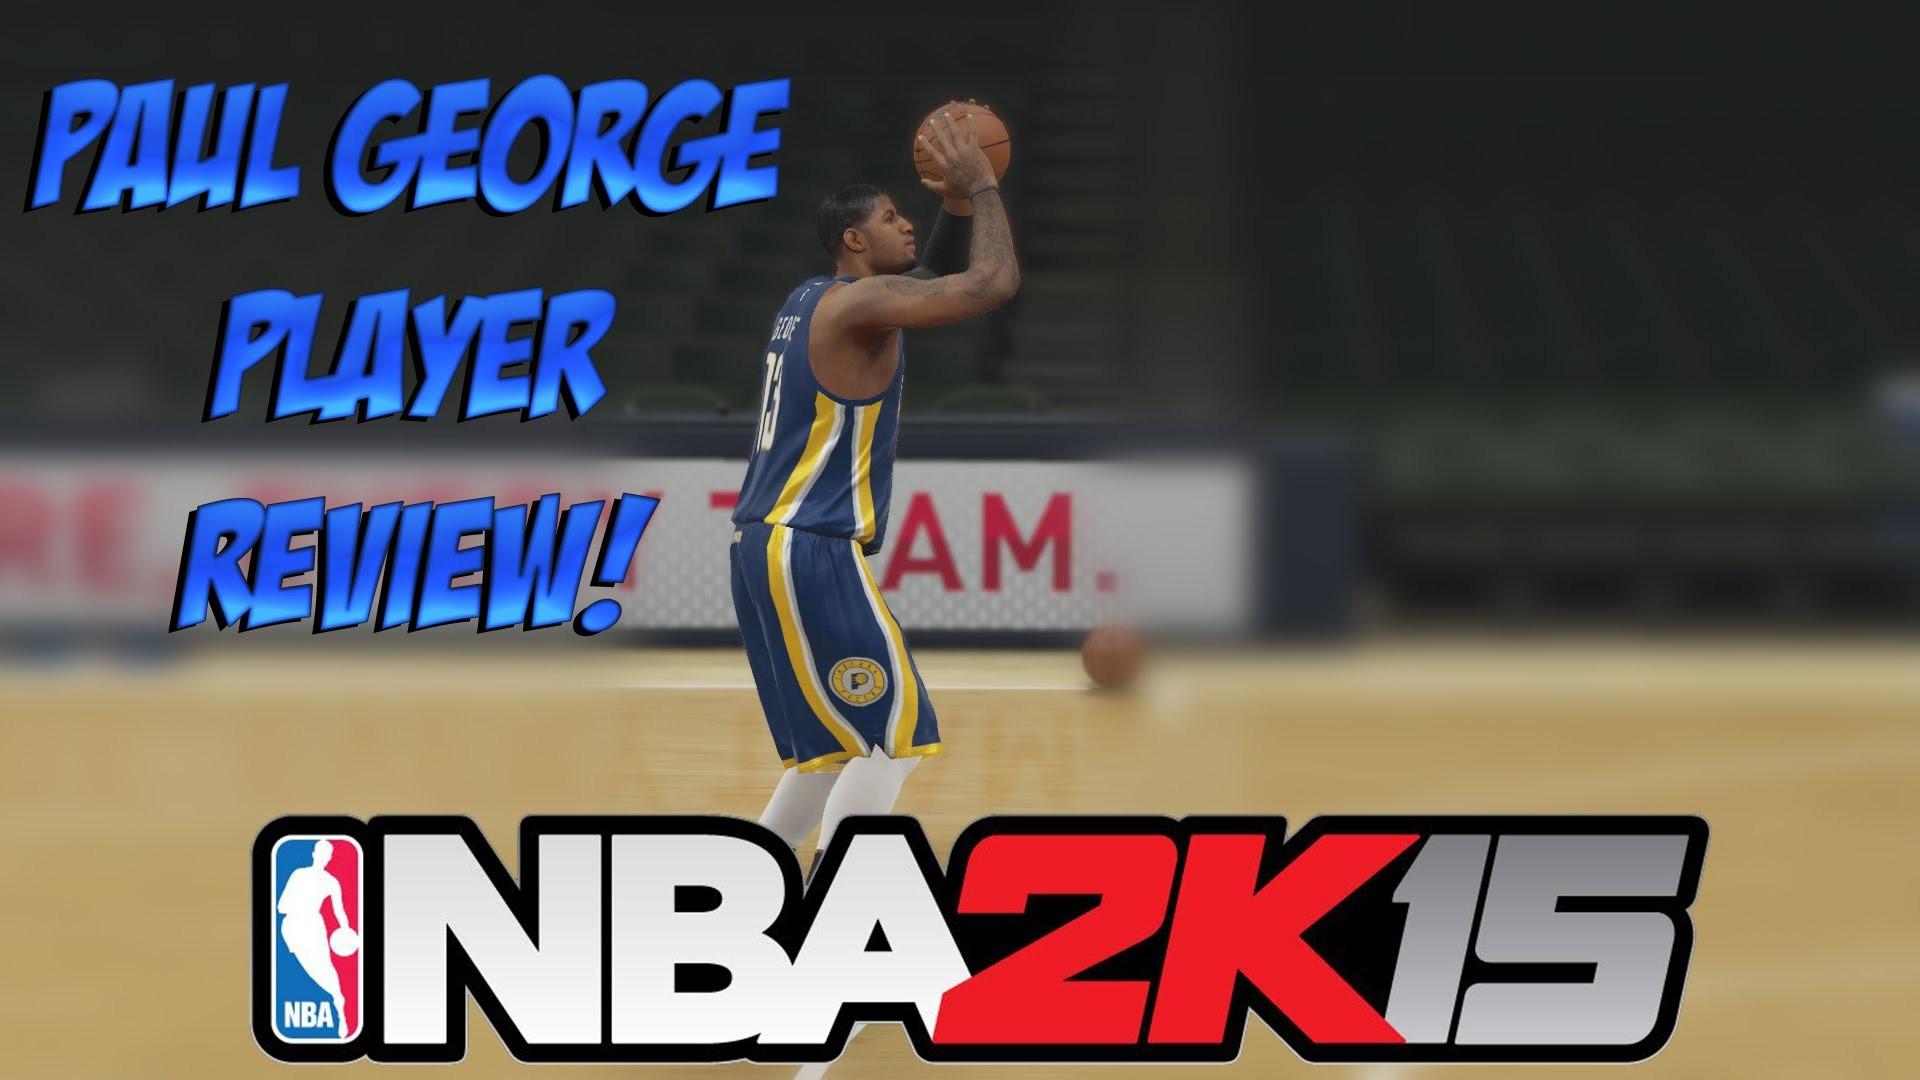 NBA 2K15 Paul George Player Review! NBA 2K15 PG-13